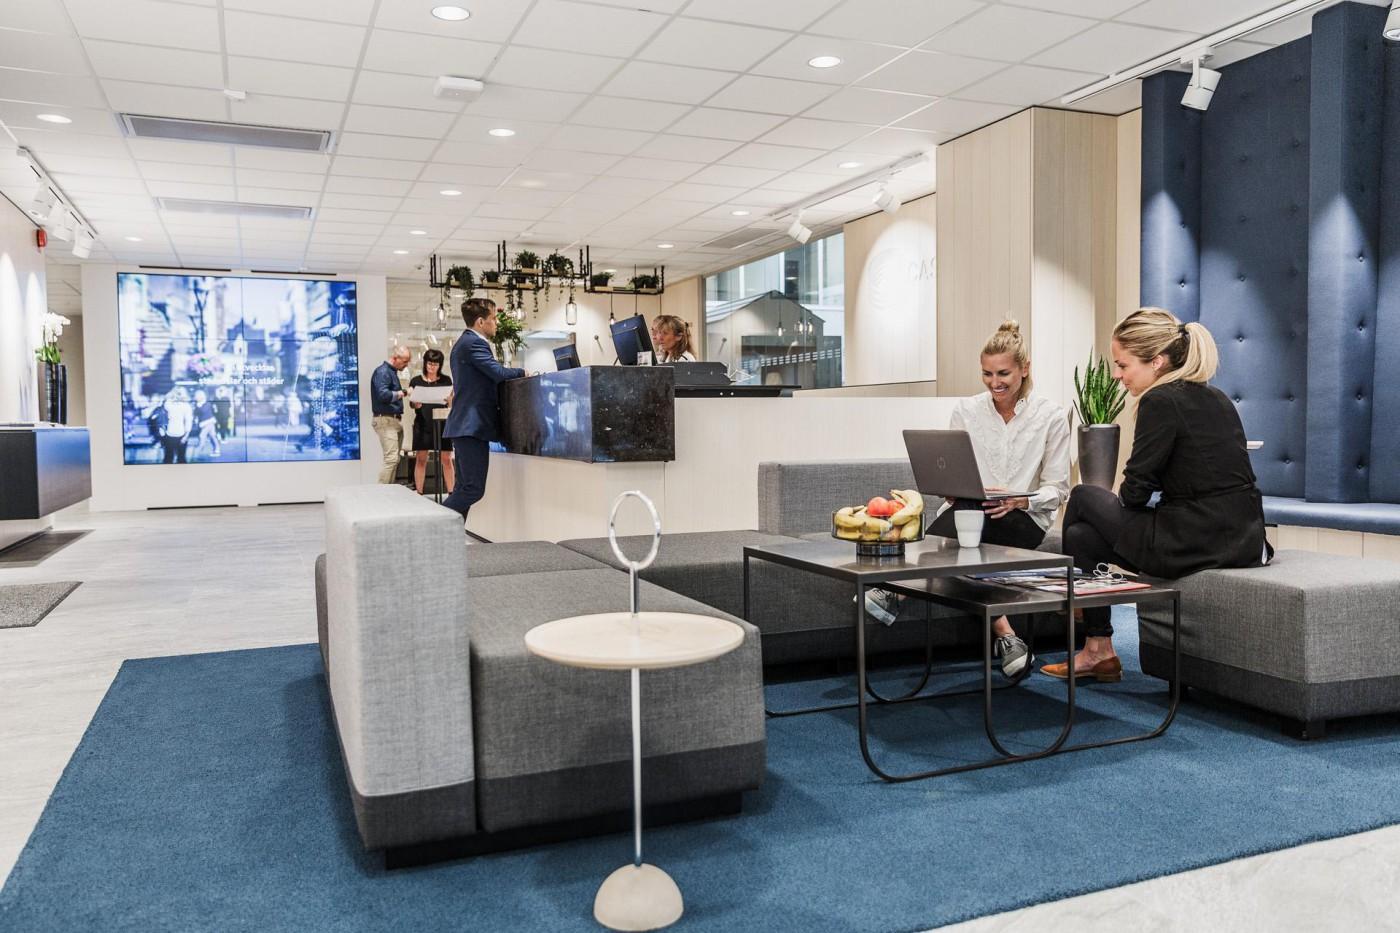 34912b5296 Under våren 2017 har två nya Castellumkontor färdigställts varav ett är  centralt beläget på Östra Hamngatan 16 i Göteborg.